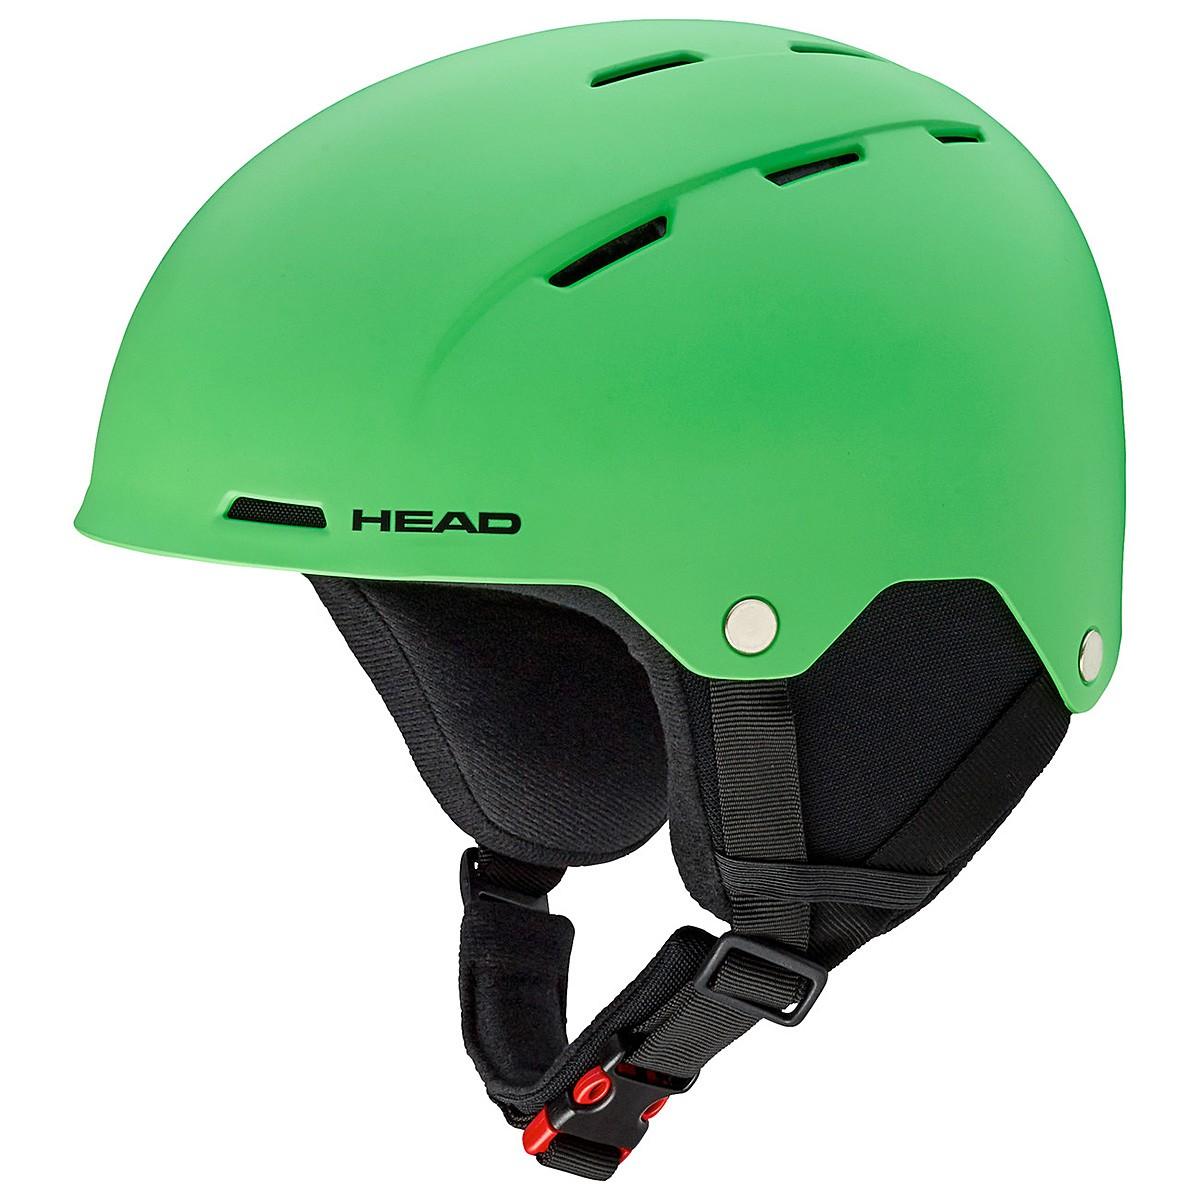 Casco sci Head Taylor verde (Colore: verde, Taglia: 52/55)